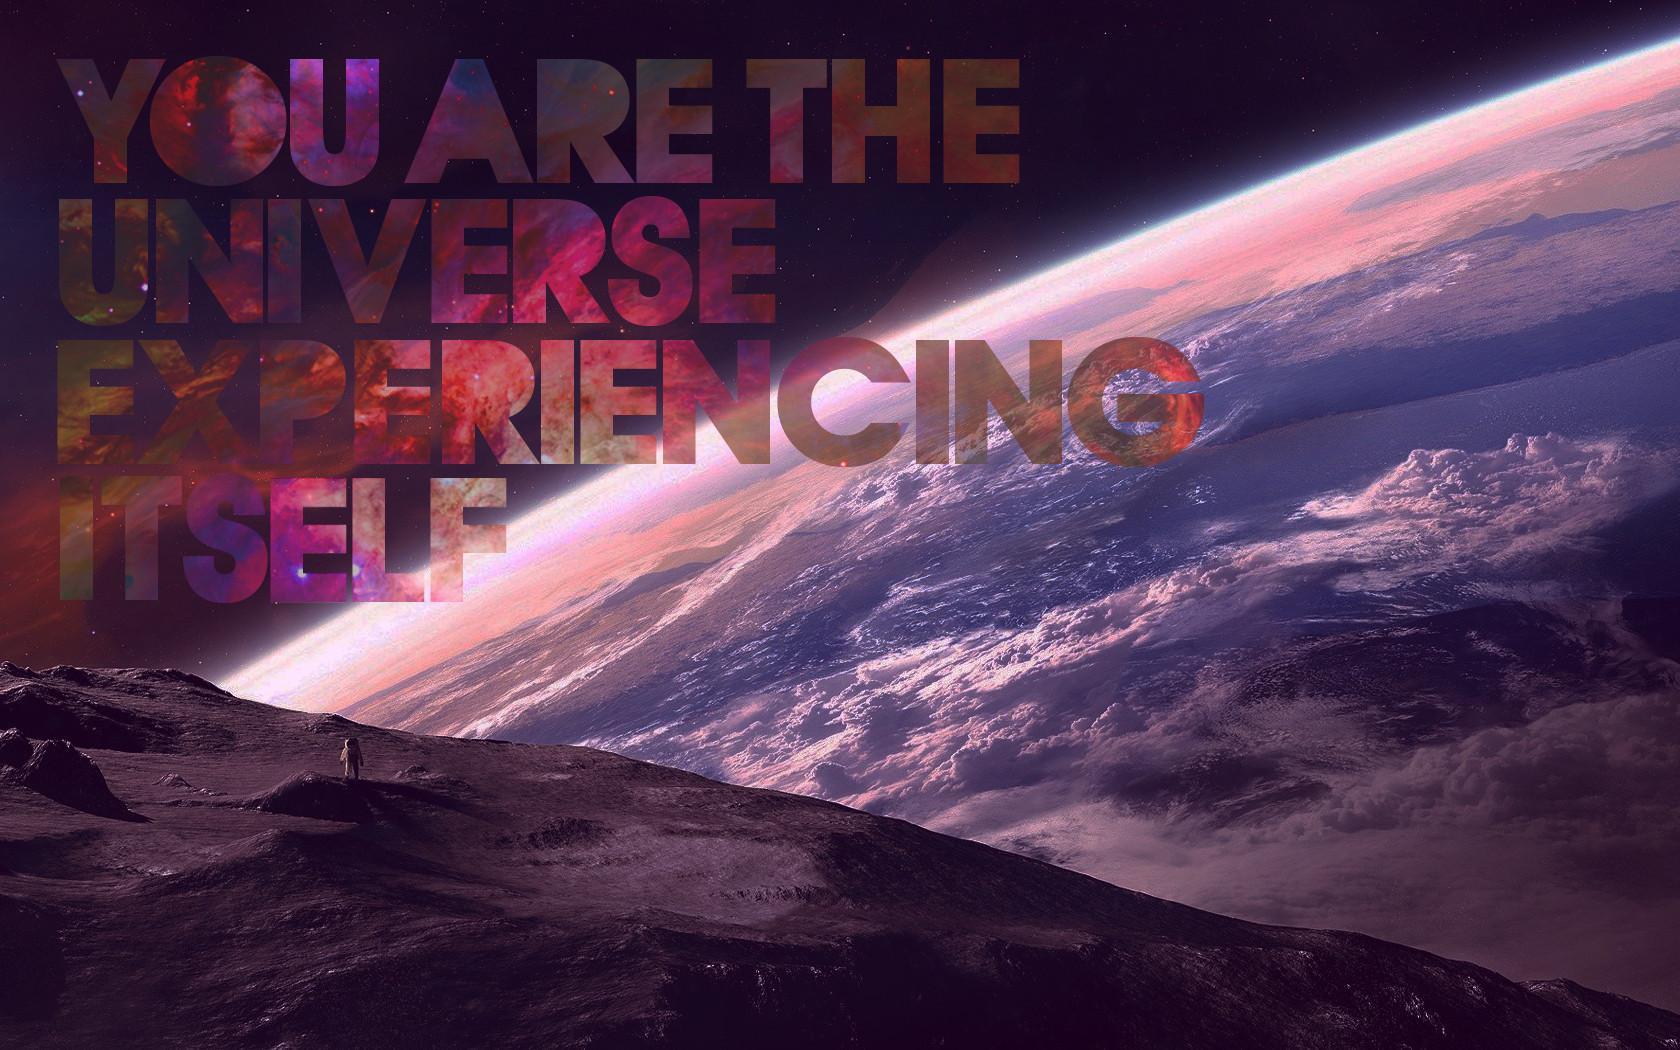 Quotes About European Exploration Quotesgram: Space Exploration Einstein Quotes. QuotesGram